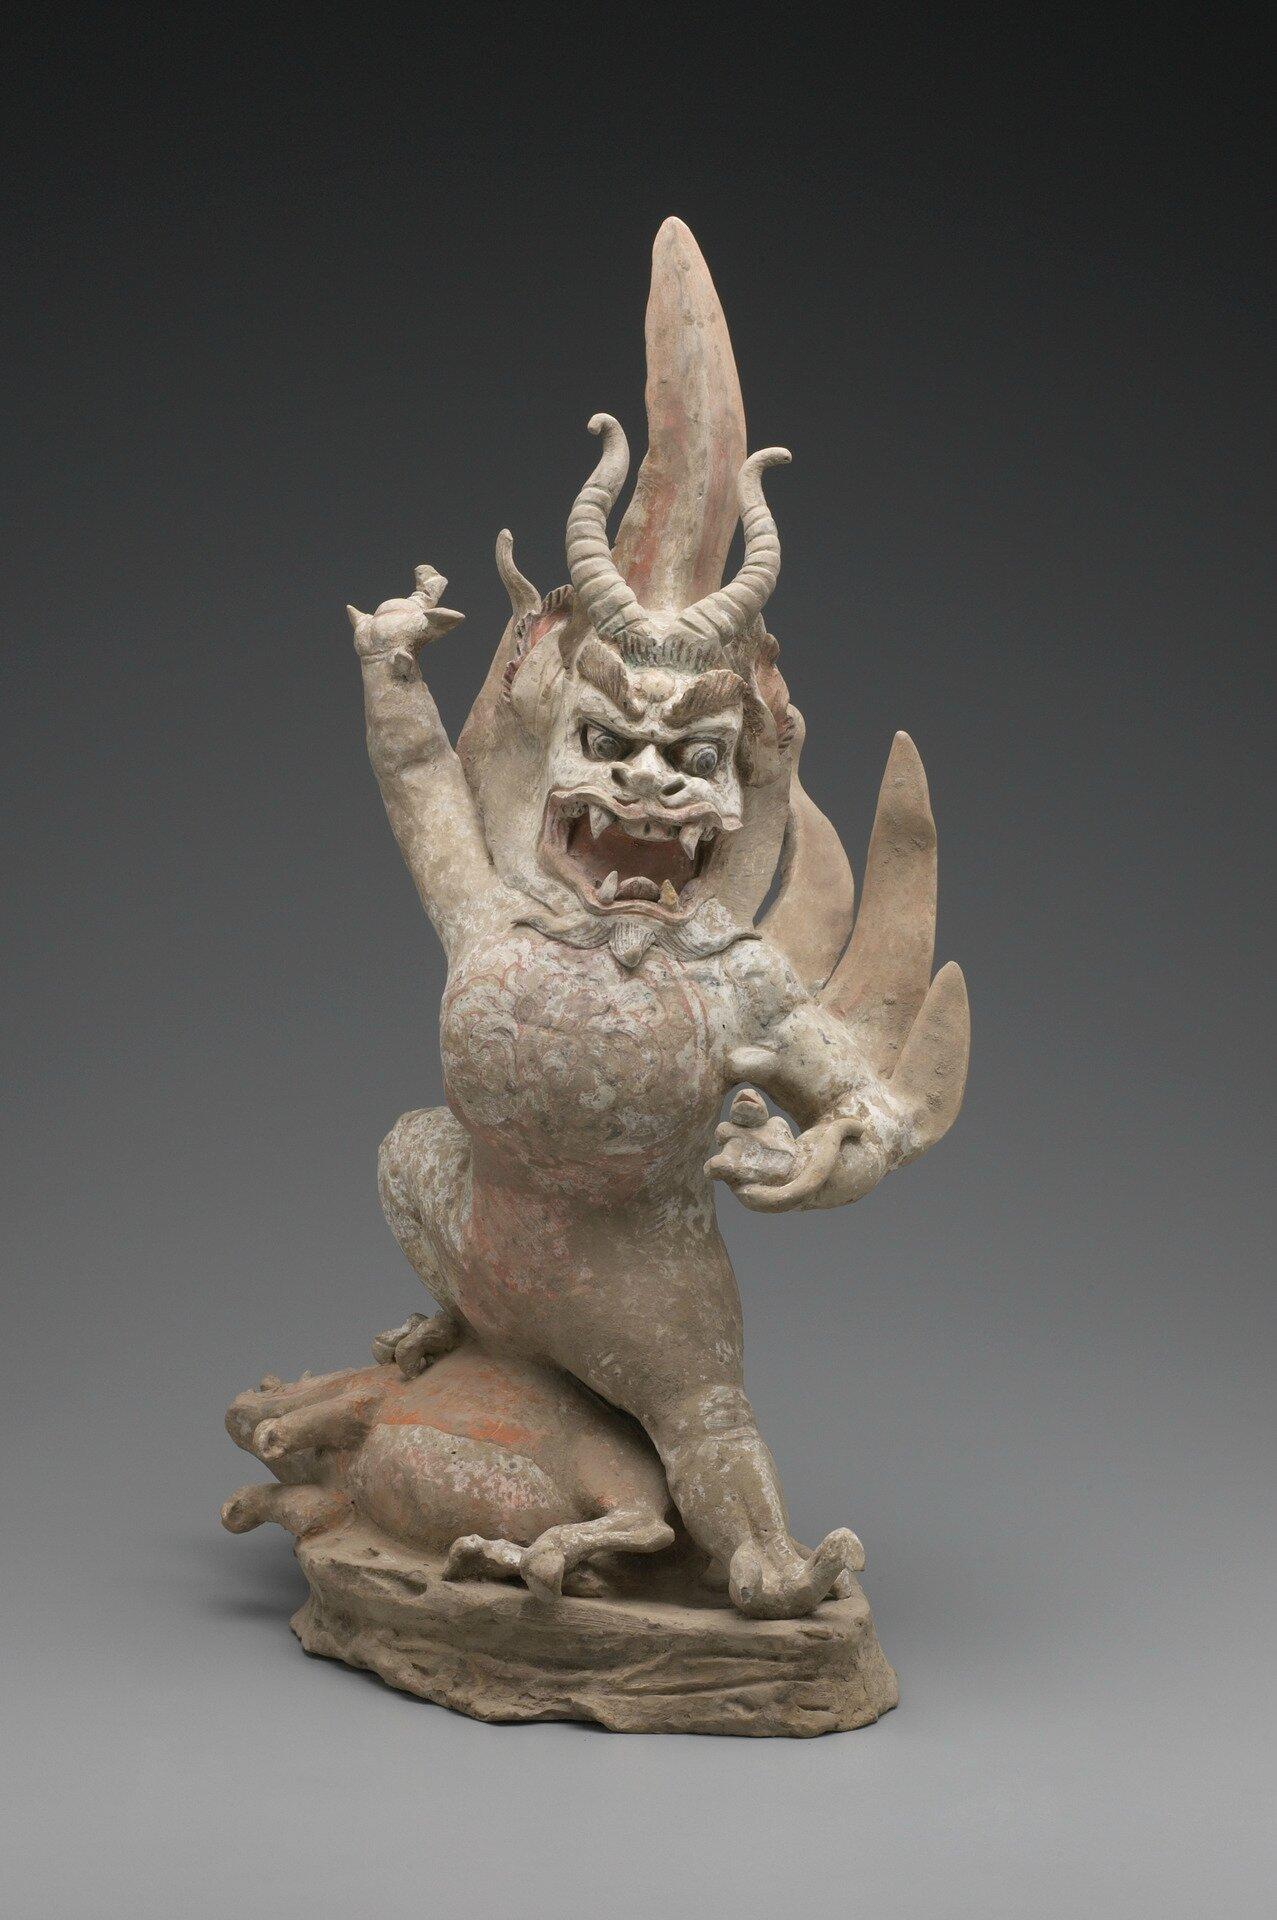 Tomb Guardian Creature (Zhenmushou), ca